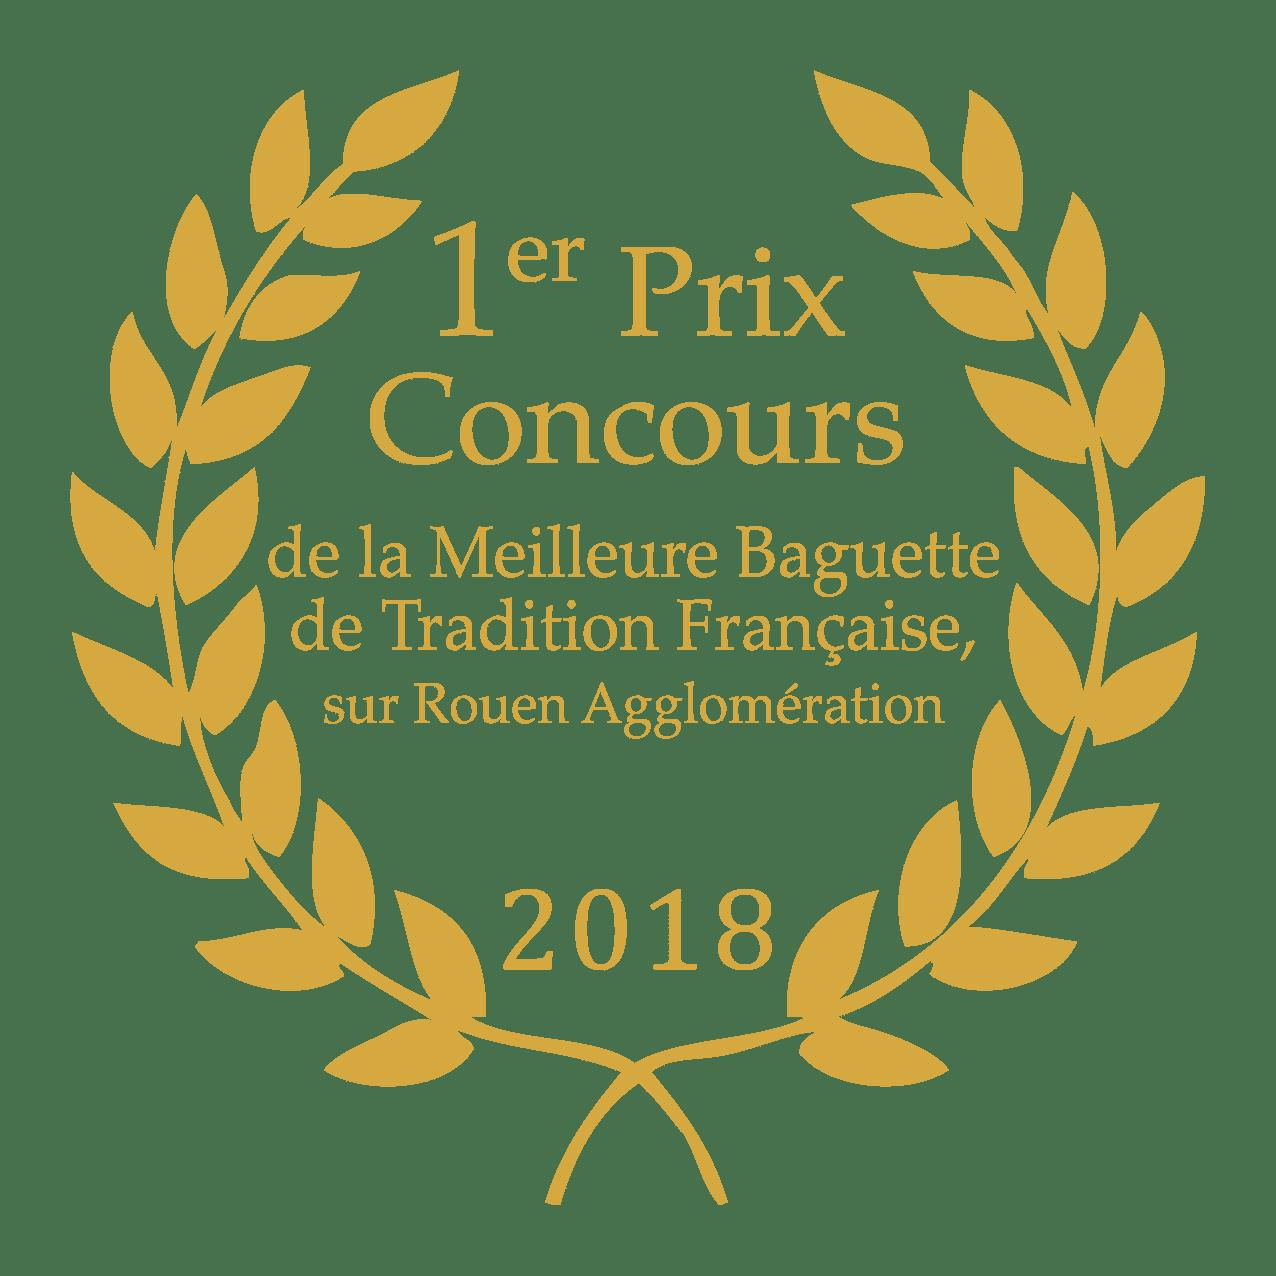 1er prix Concours de la Meilleure Baguette de Tradition Française, sur Rouen Agglomération 2018